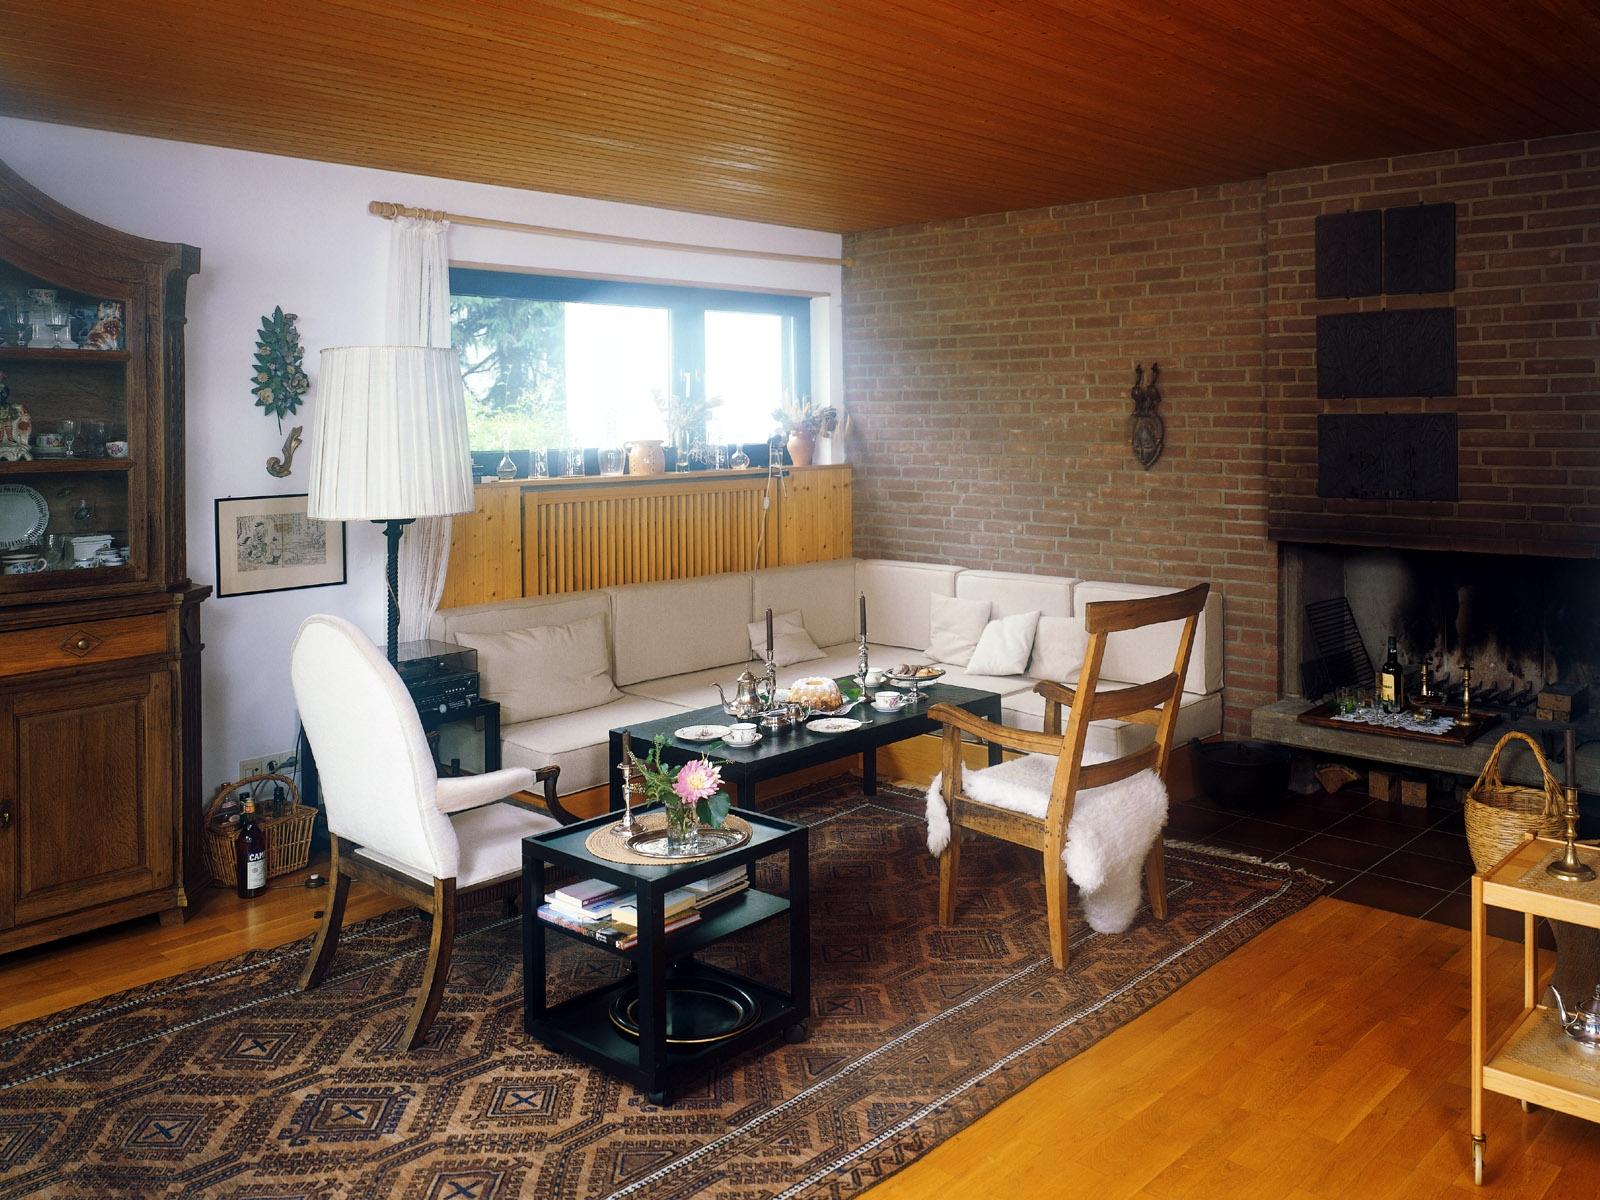 Hintergrundbilder : Zimmer, Innere, Tabelle, Haus, Innenarchitektur ...